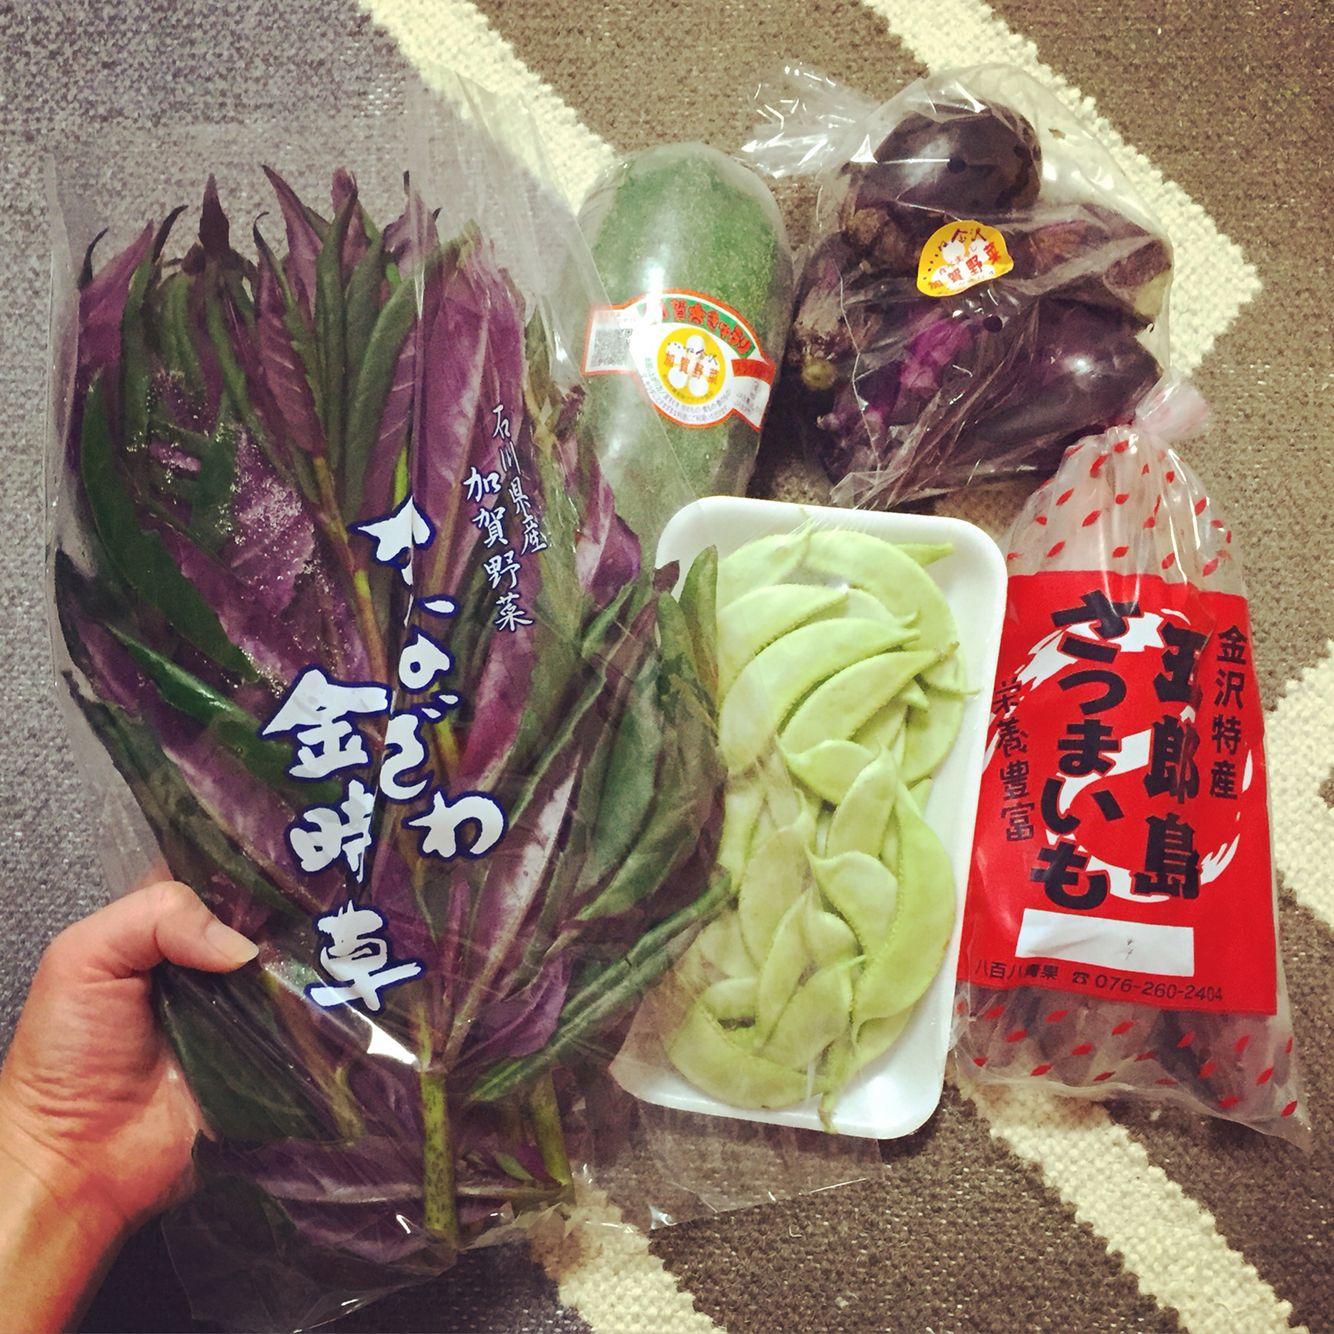 金沢から伝統野菜が届きました。 五郎島さつまいも、加賀太きゅうり、金時草、加賀つるまめ、ヘタ紫なす